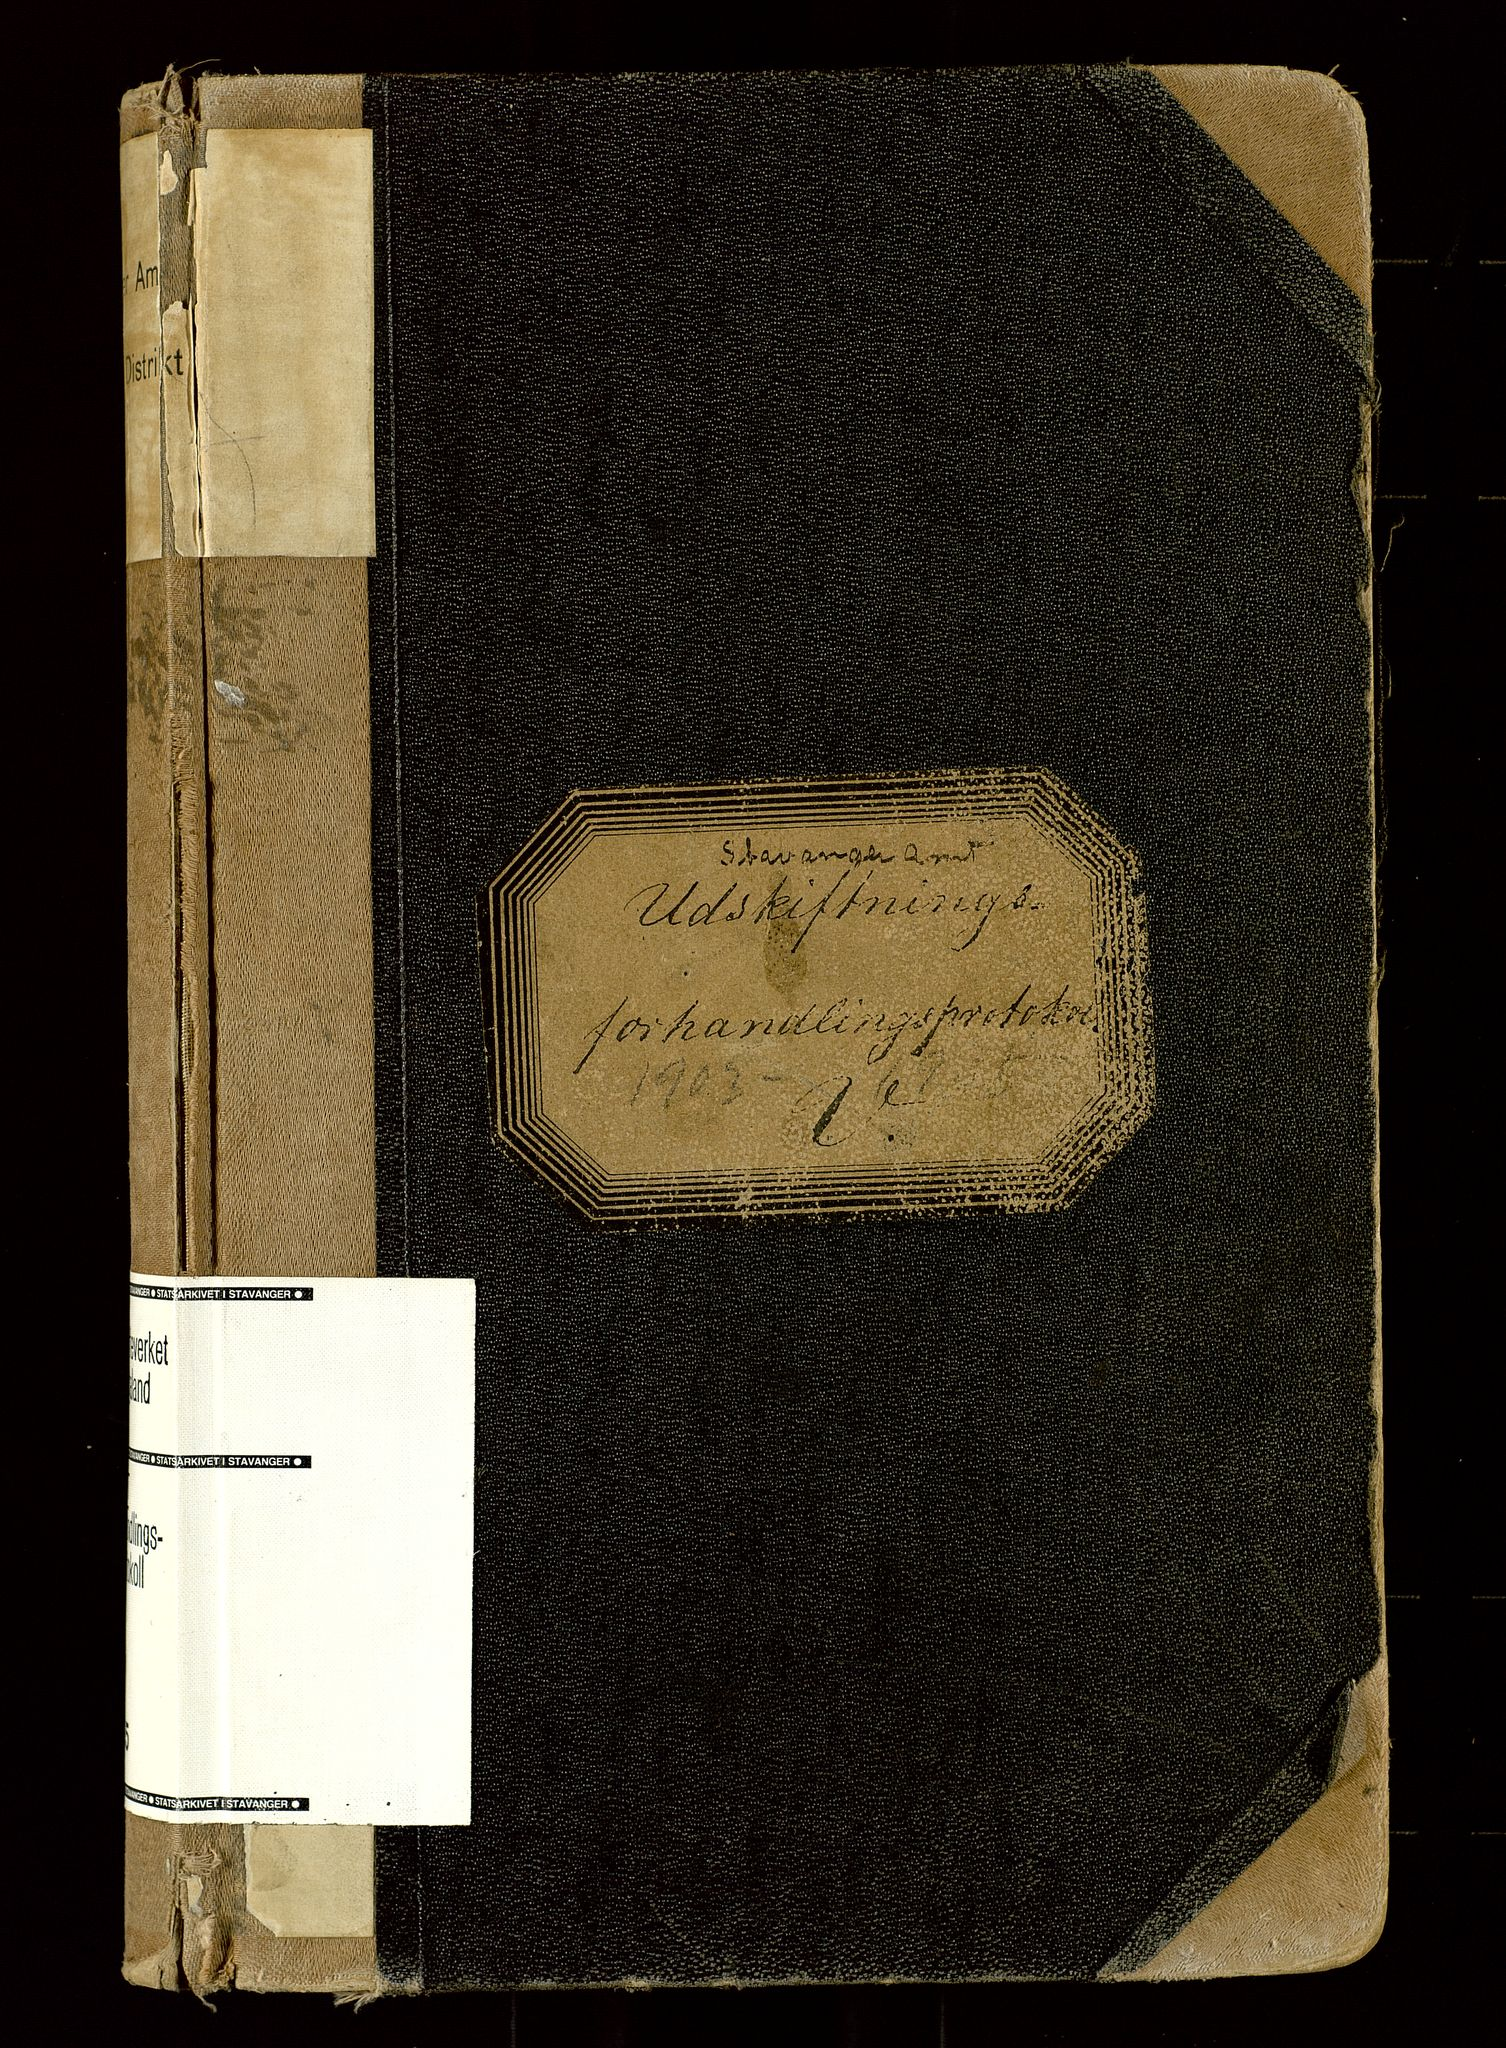 SAST, Rogaland jordskifterett, Oa/L0055: Forhandlingsprotokoll, 1903-1905